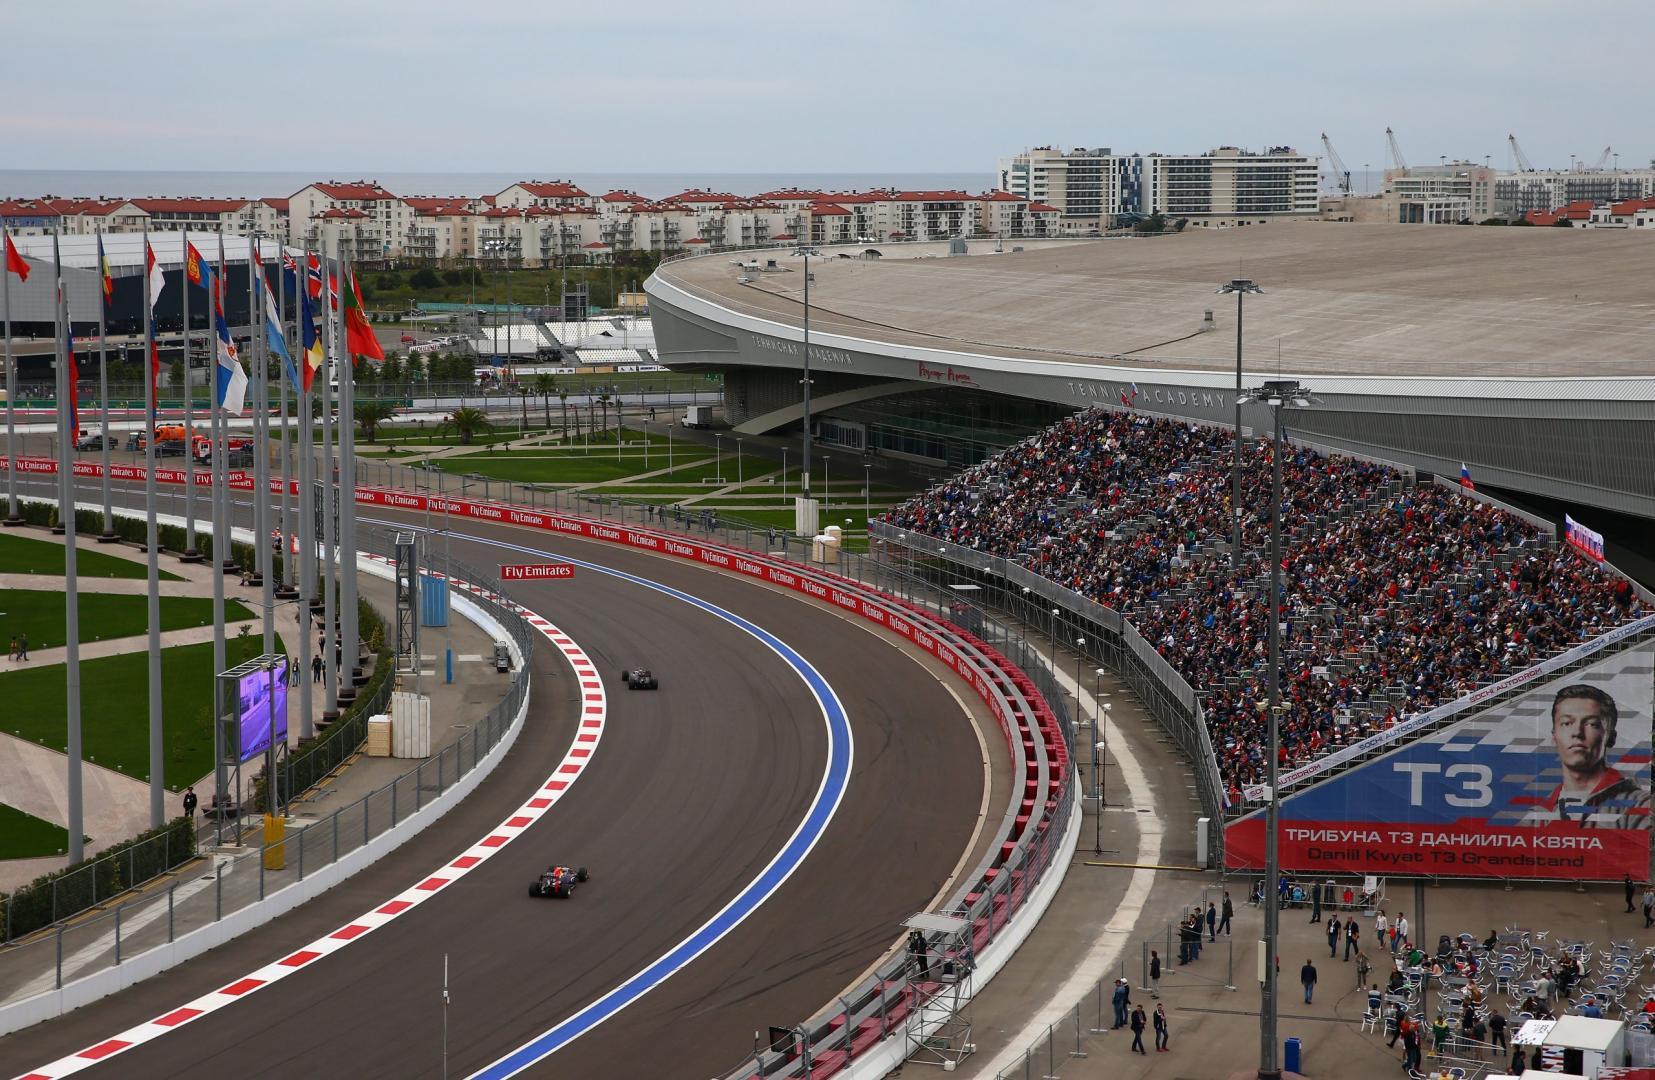 Grand Prix van Rusland T3